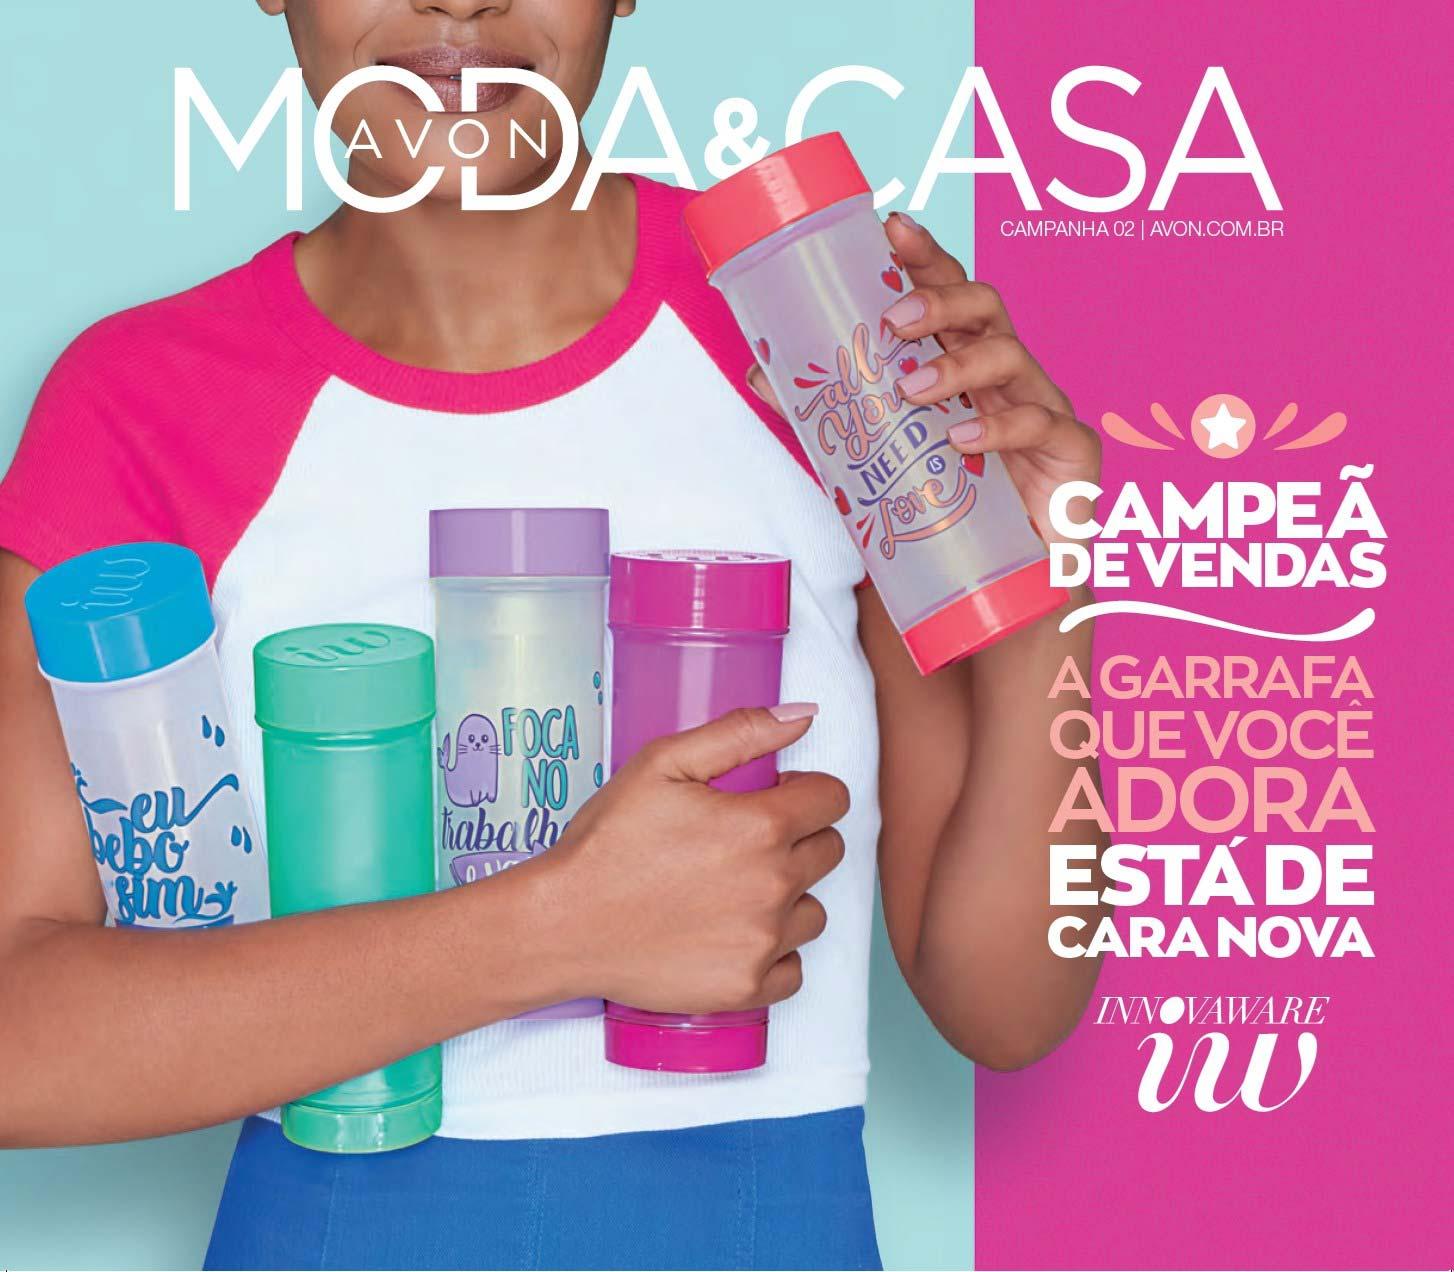 Avon Folheto Moda Casa Campanha 2 2020